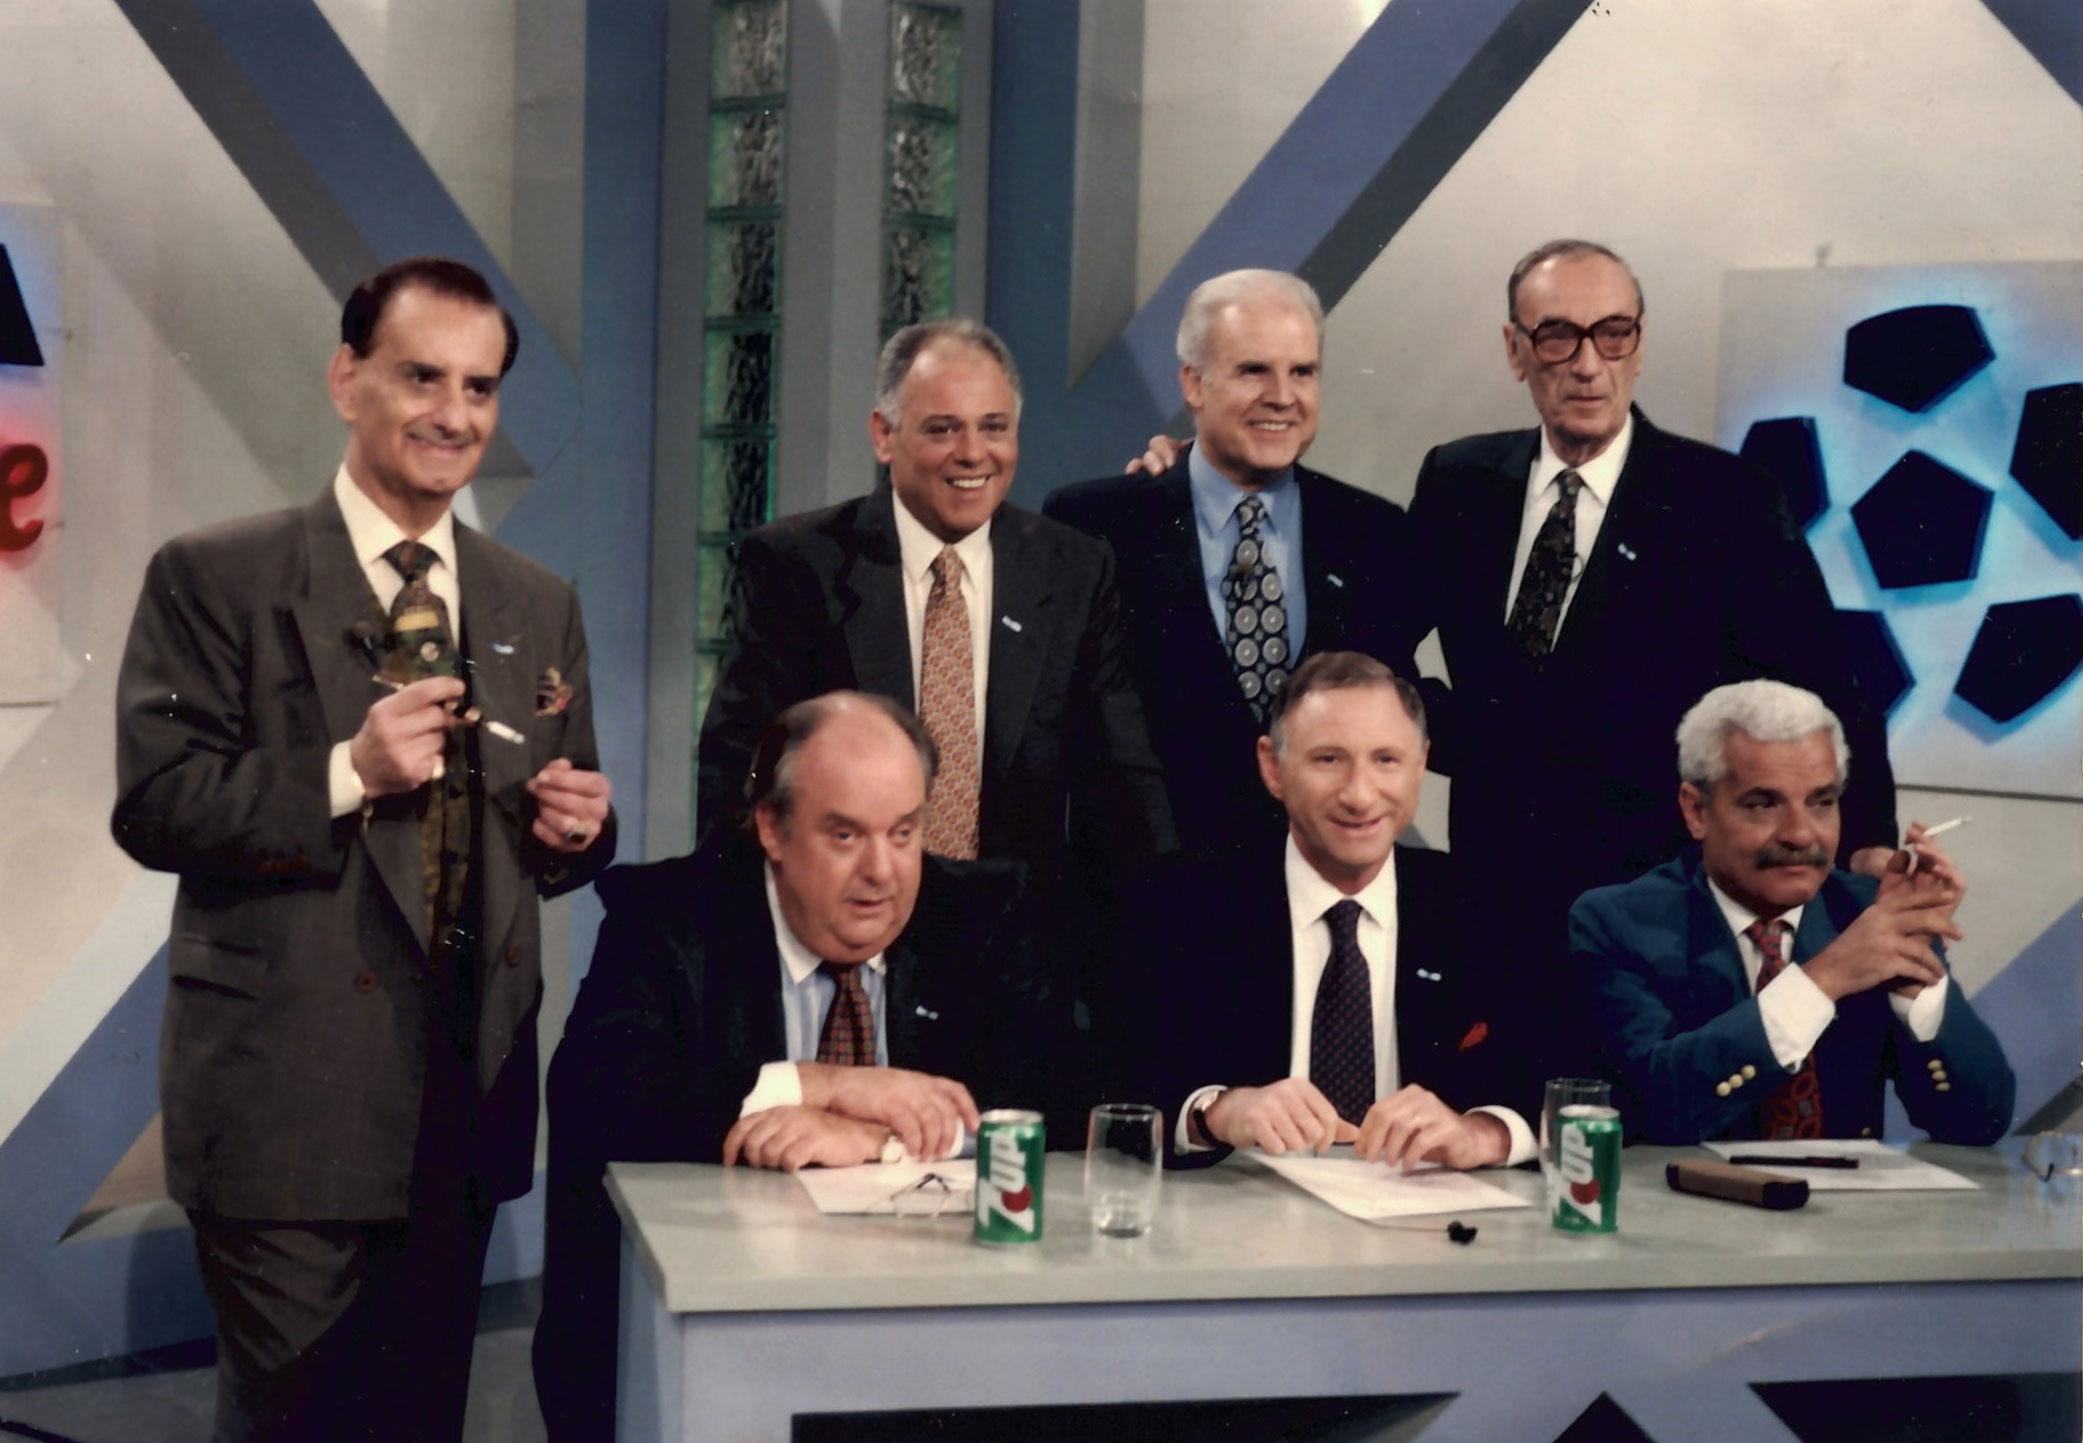 Guillermo Nimo, Roberto Ayala, Julio Ricardo, Tony Carrizo. Garcia Blanco, Ernesto Cherquis Bialo y Carlos Juvenal